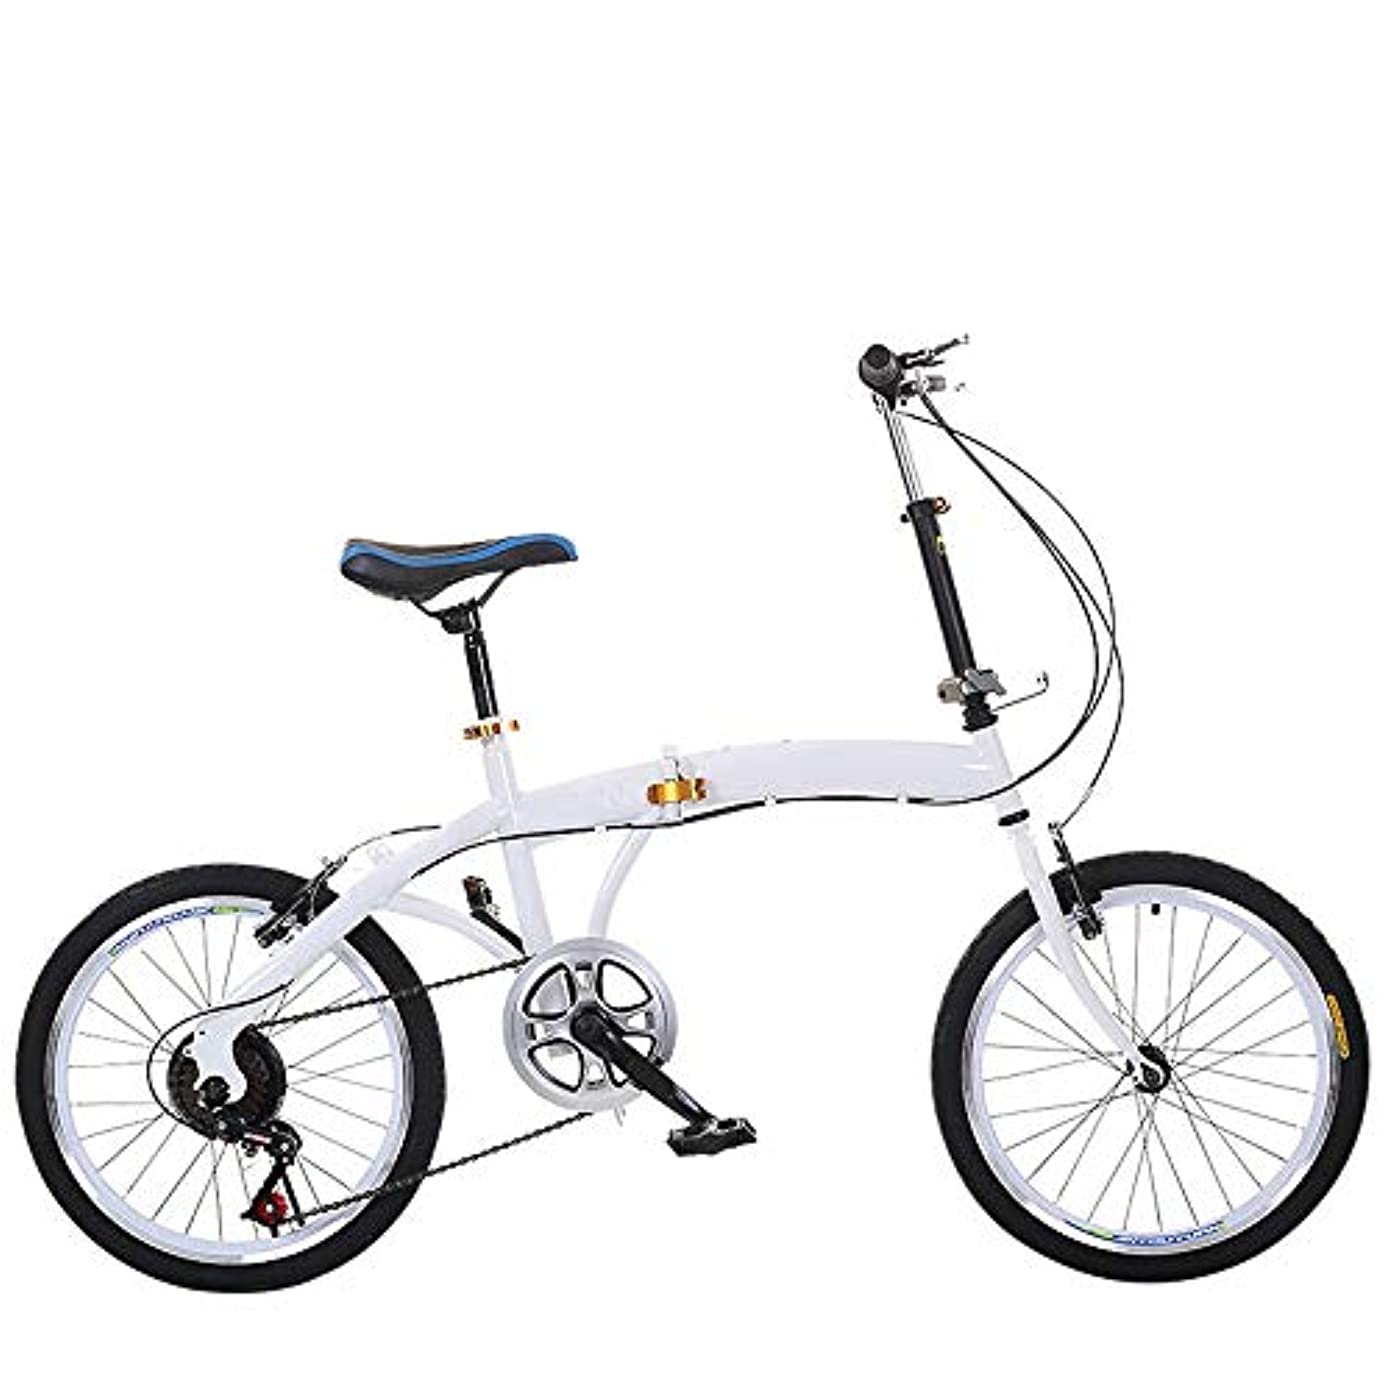 ベリダルセット程度可変速度大人の折りたたみ自転車で20インチ折りたたみ自転車(ホワイト)